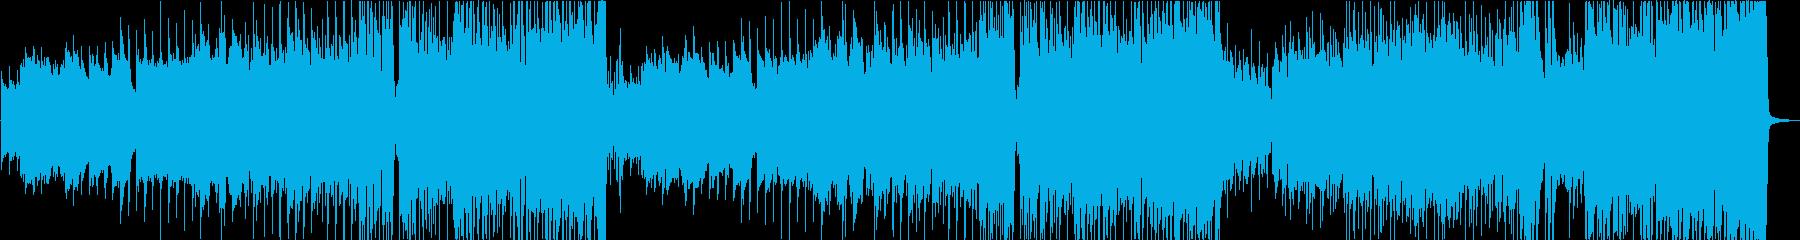 笛とピアノから始まる疾走感のあるワルツの再生済みの波形